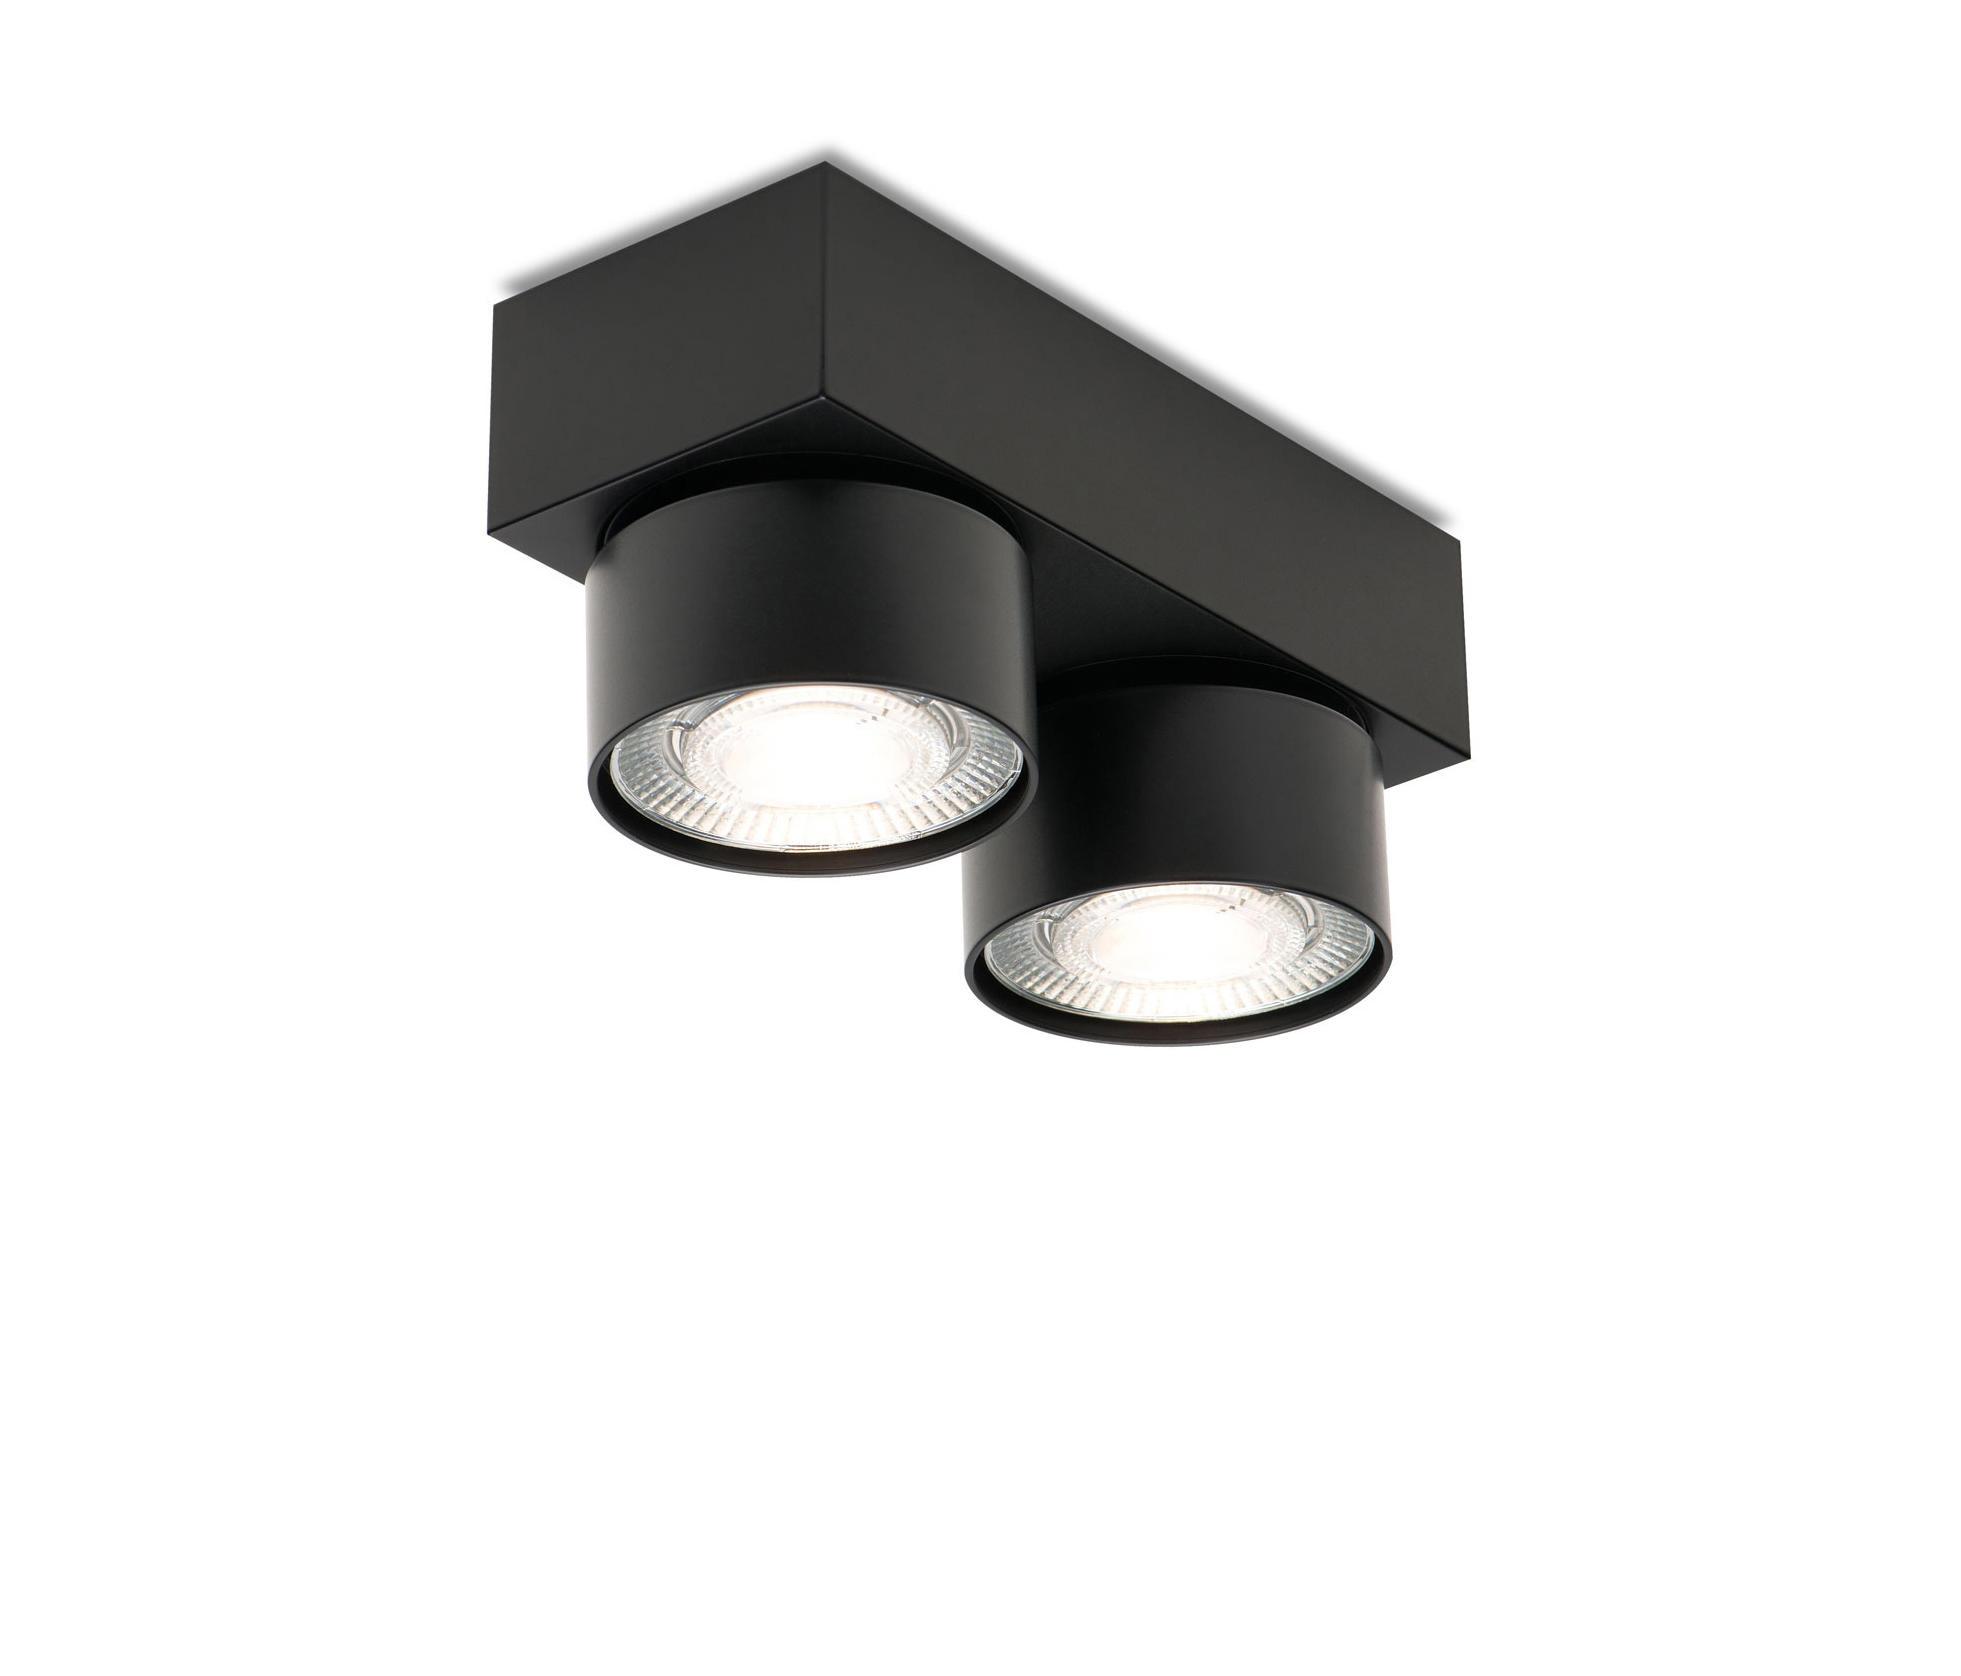 Mawa Wittenberg wittenberg wi4 ab 2e general lighting from mawa design architonic